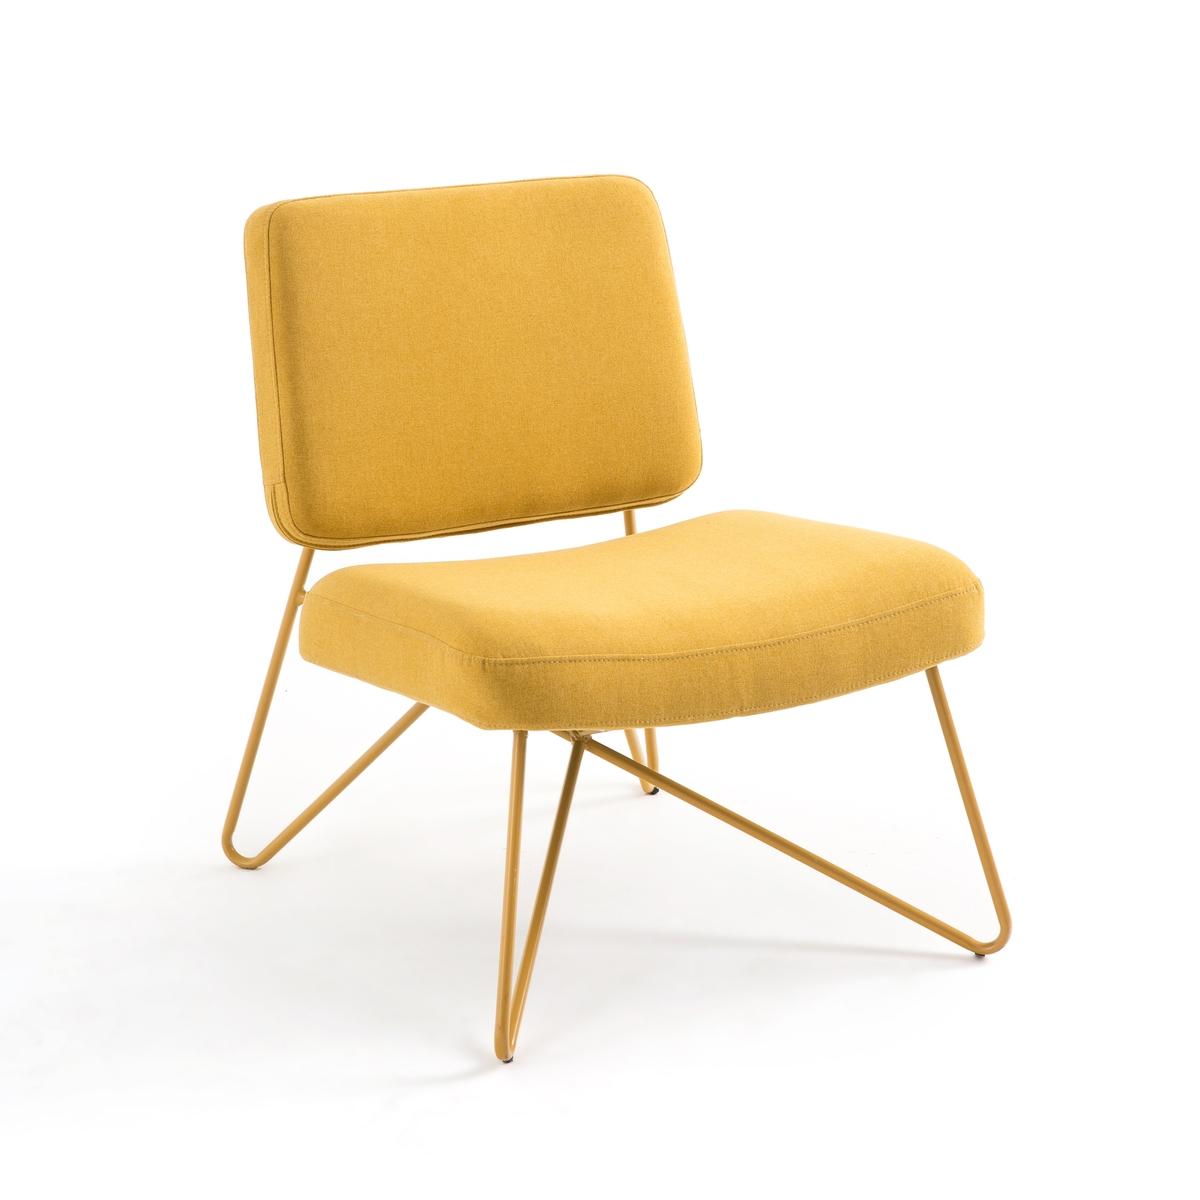 Кресло LaRedoute В винтажном стиле Koper единый размер желтый